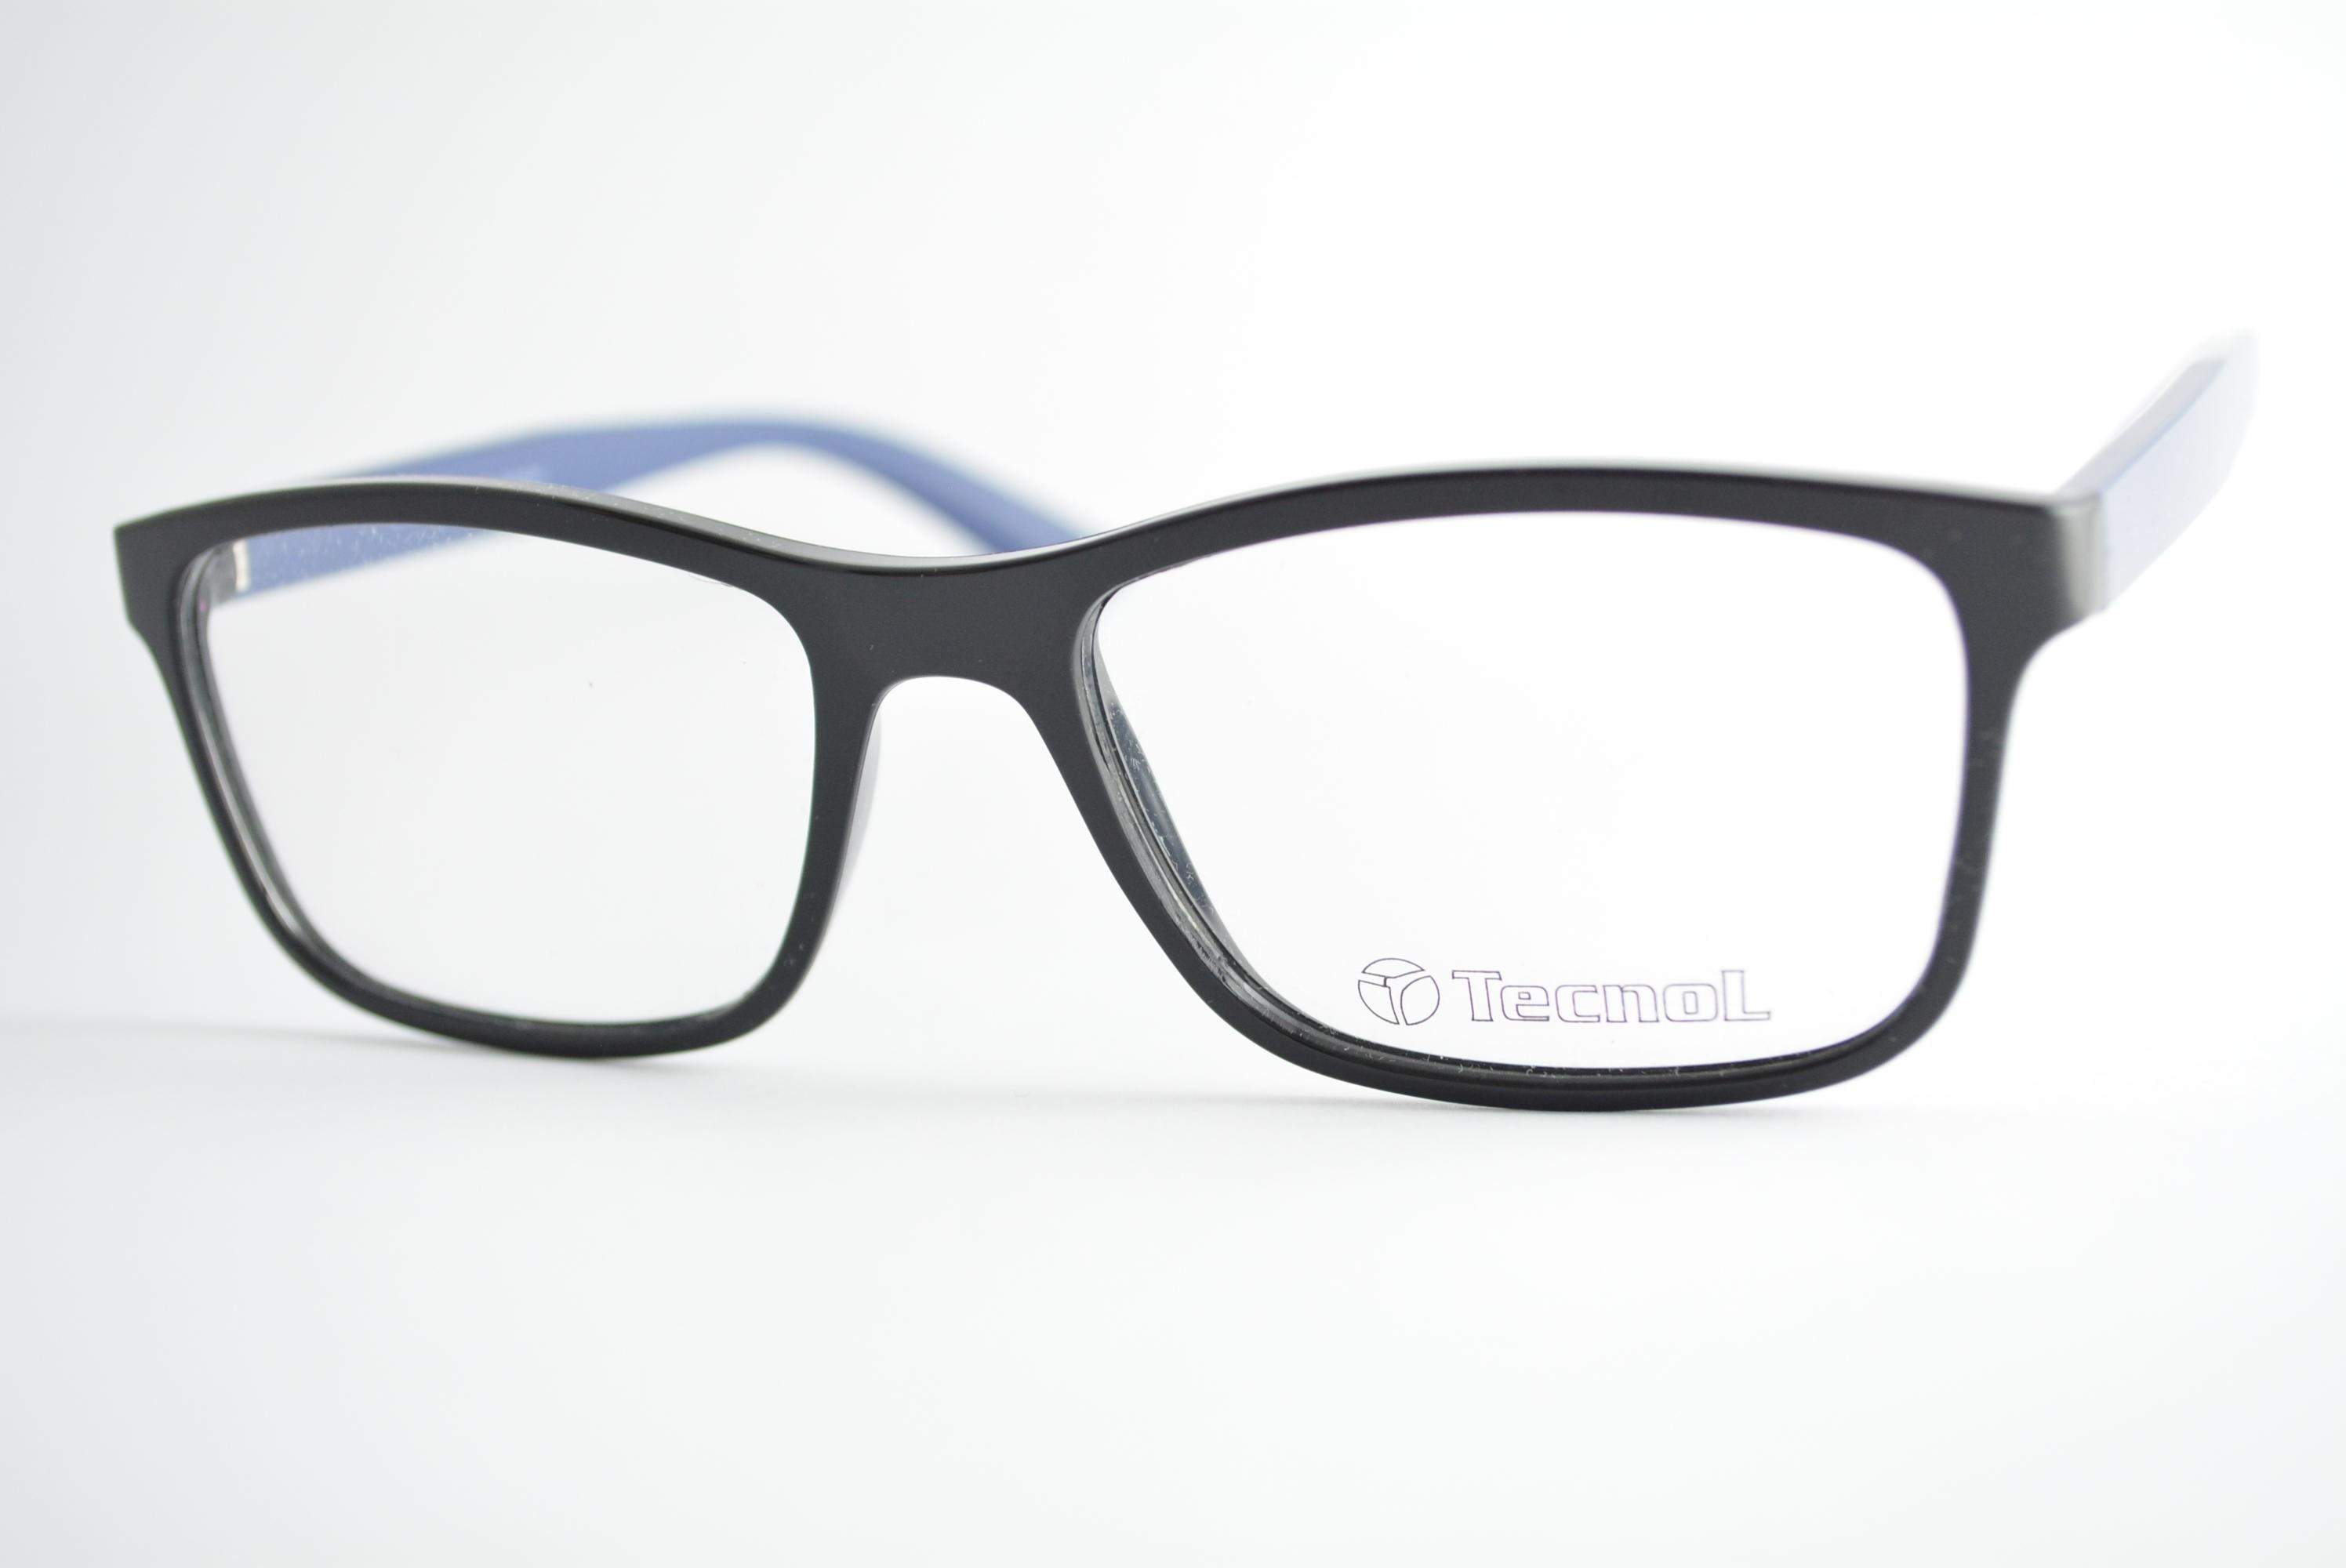 armação de óculos Tecnol mod tn3048 f683 Ótica Cardoso 972a959078